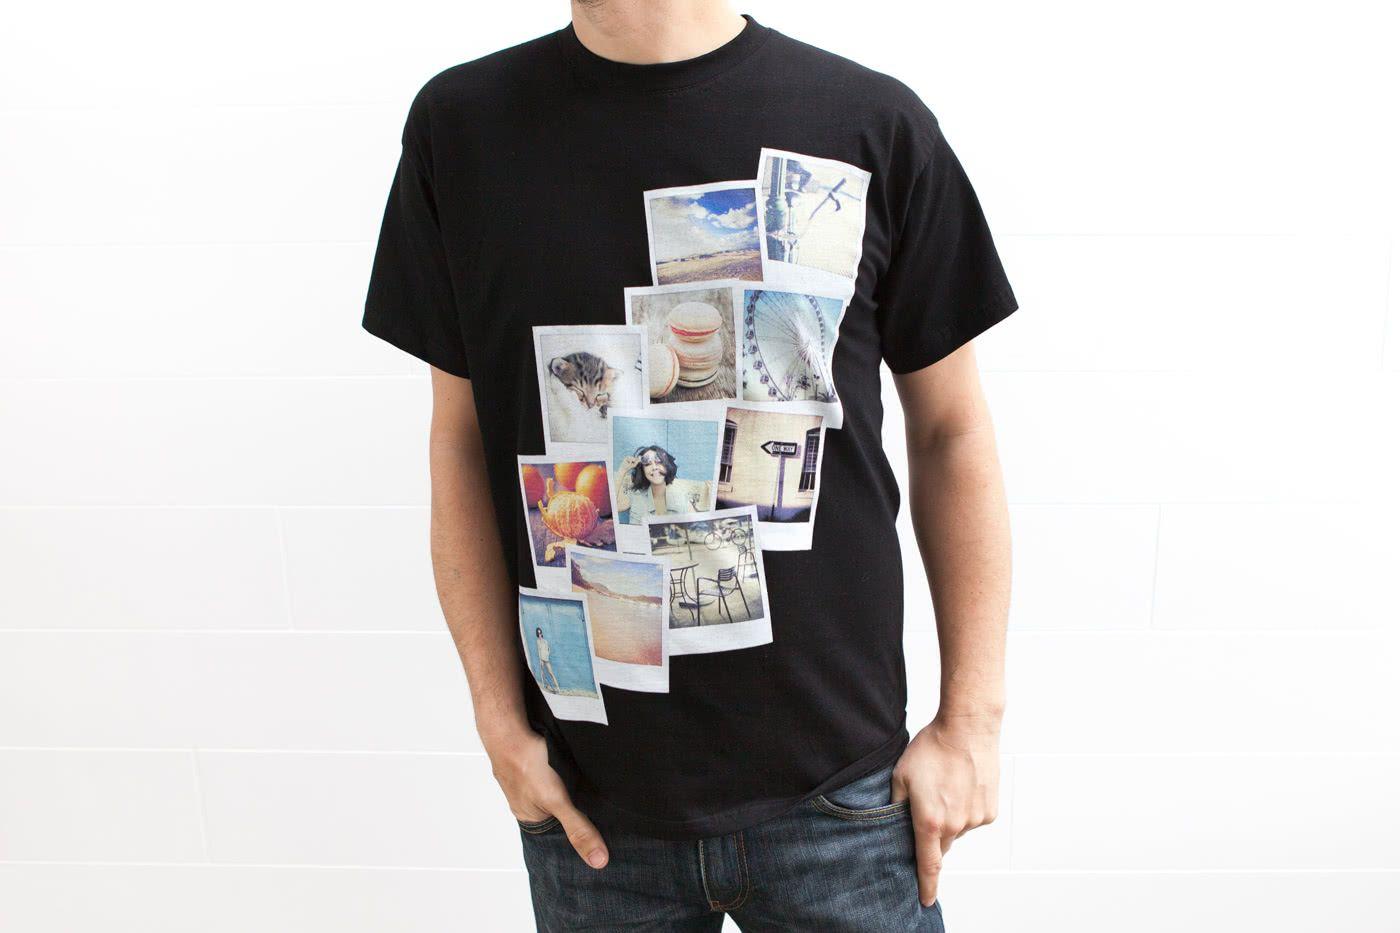 Créer un t-shirt personnalisé avec photo,